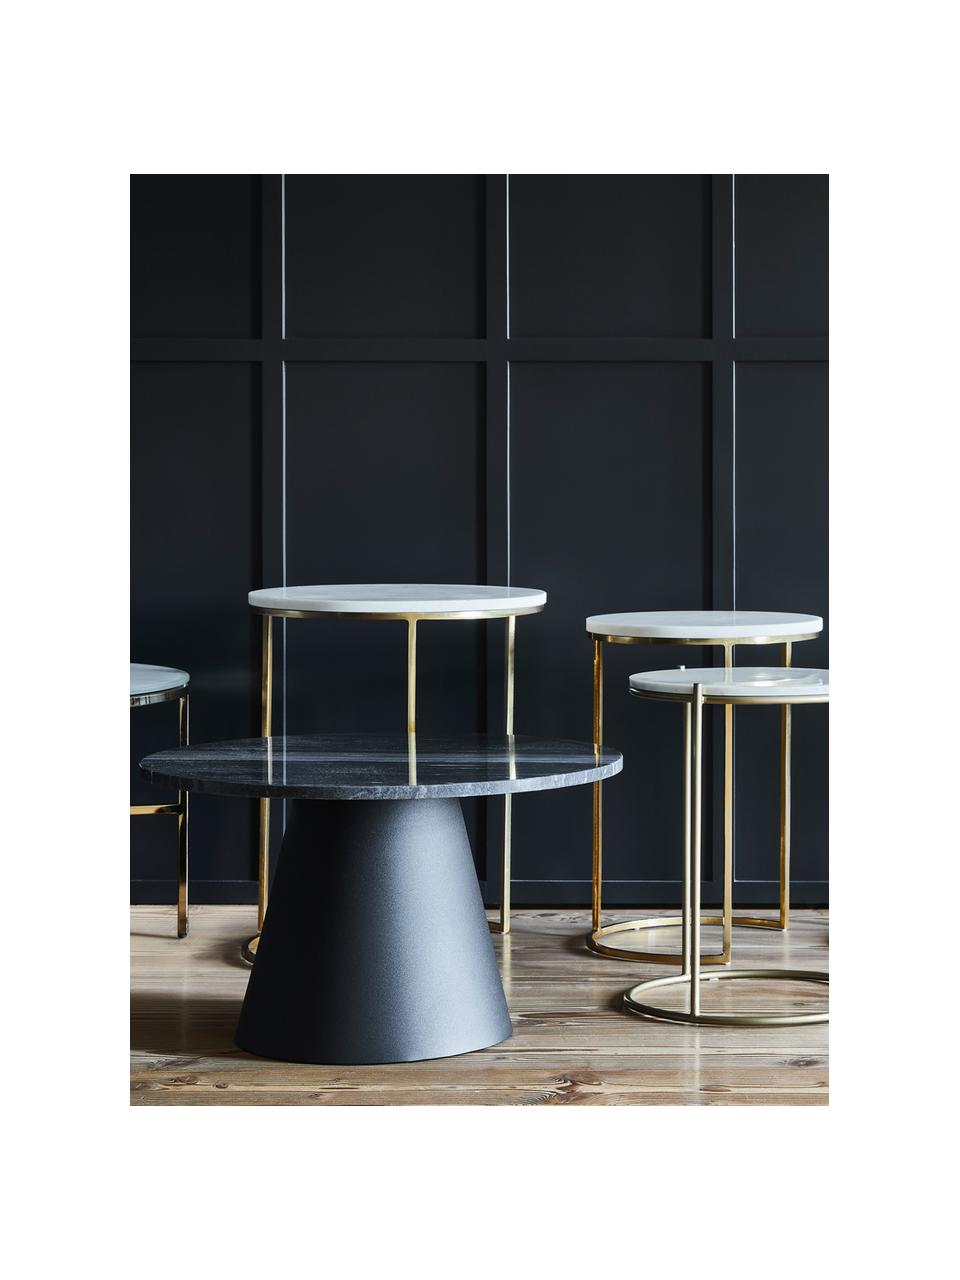 Runder Marmor-Couchtisch Mary, Tischplatte: Marmor, Gestell: Metall, beschichtet, Schwarzer Marmor, Schwarz, ∅ 70 x H 40 cm